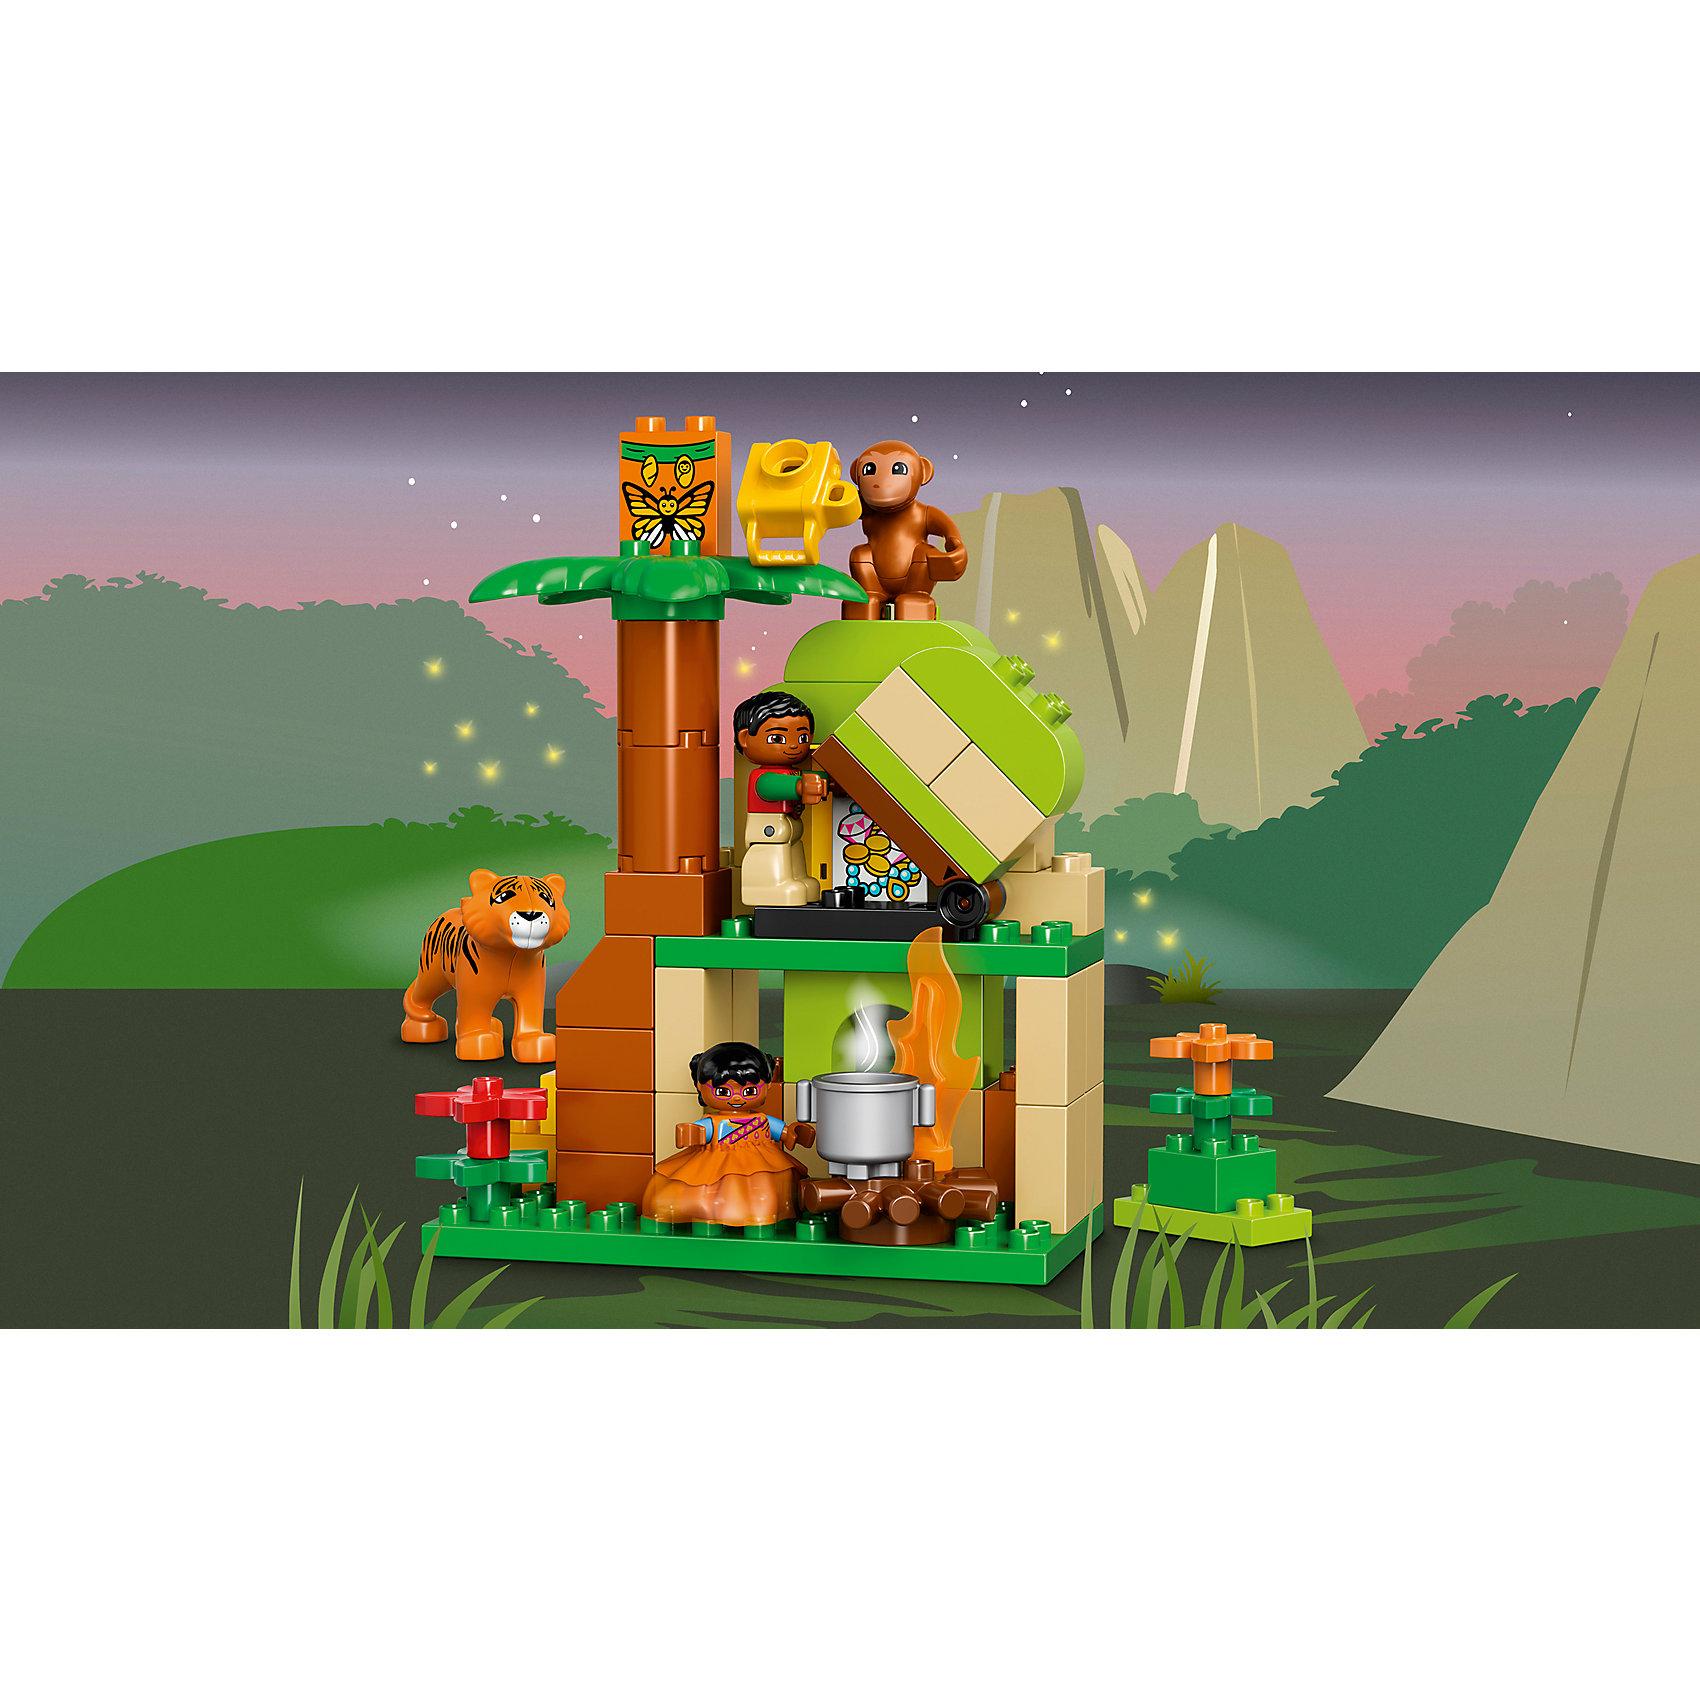 LEGO DUPLO 10804: Вокруг света: Азия от myToys